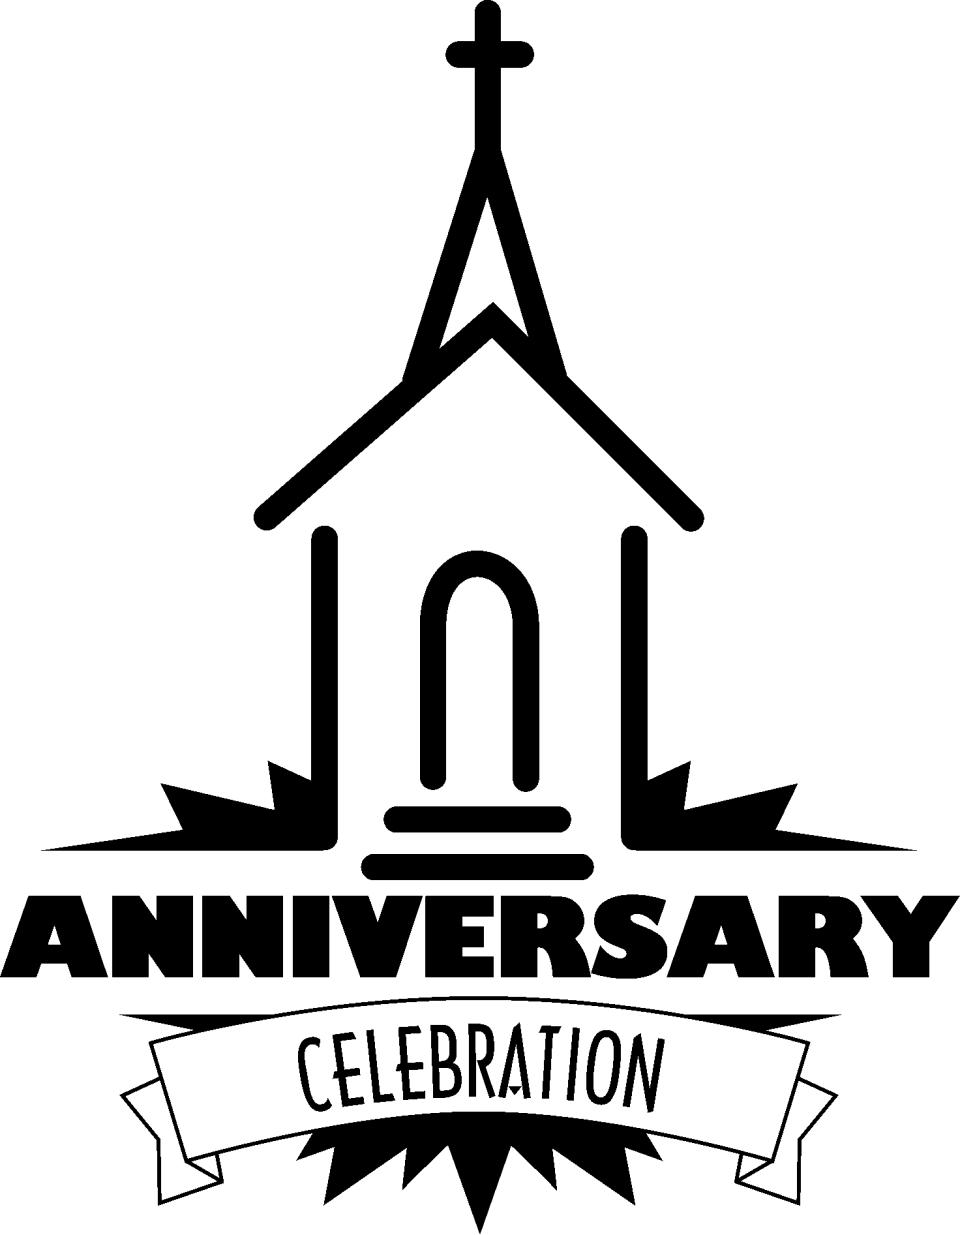 Steeple . Anniversary clipart church